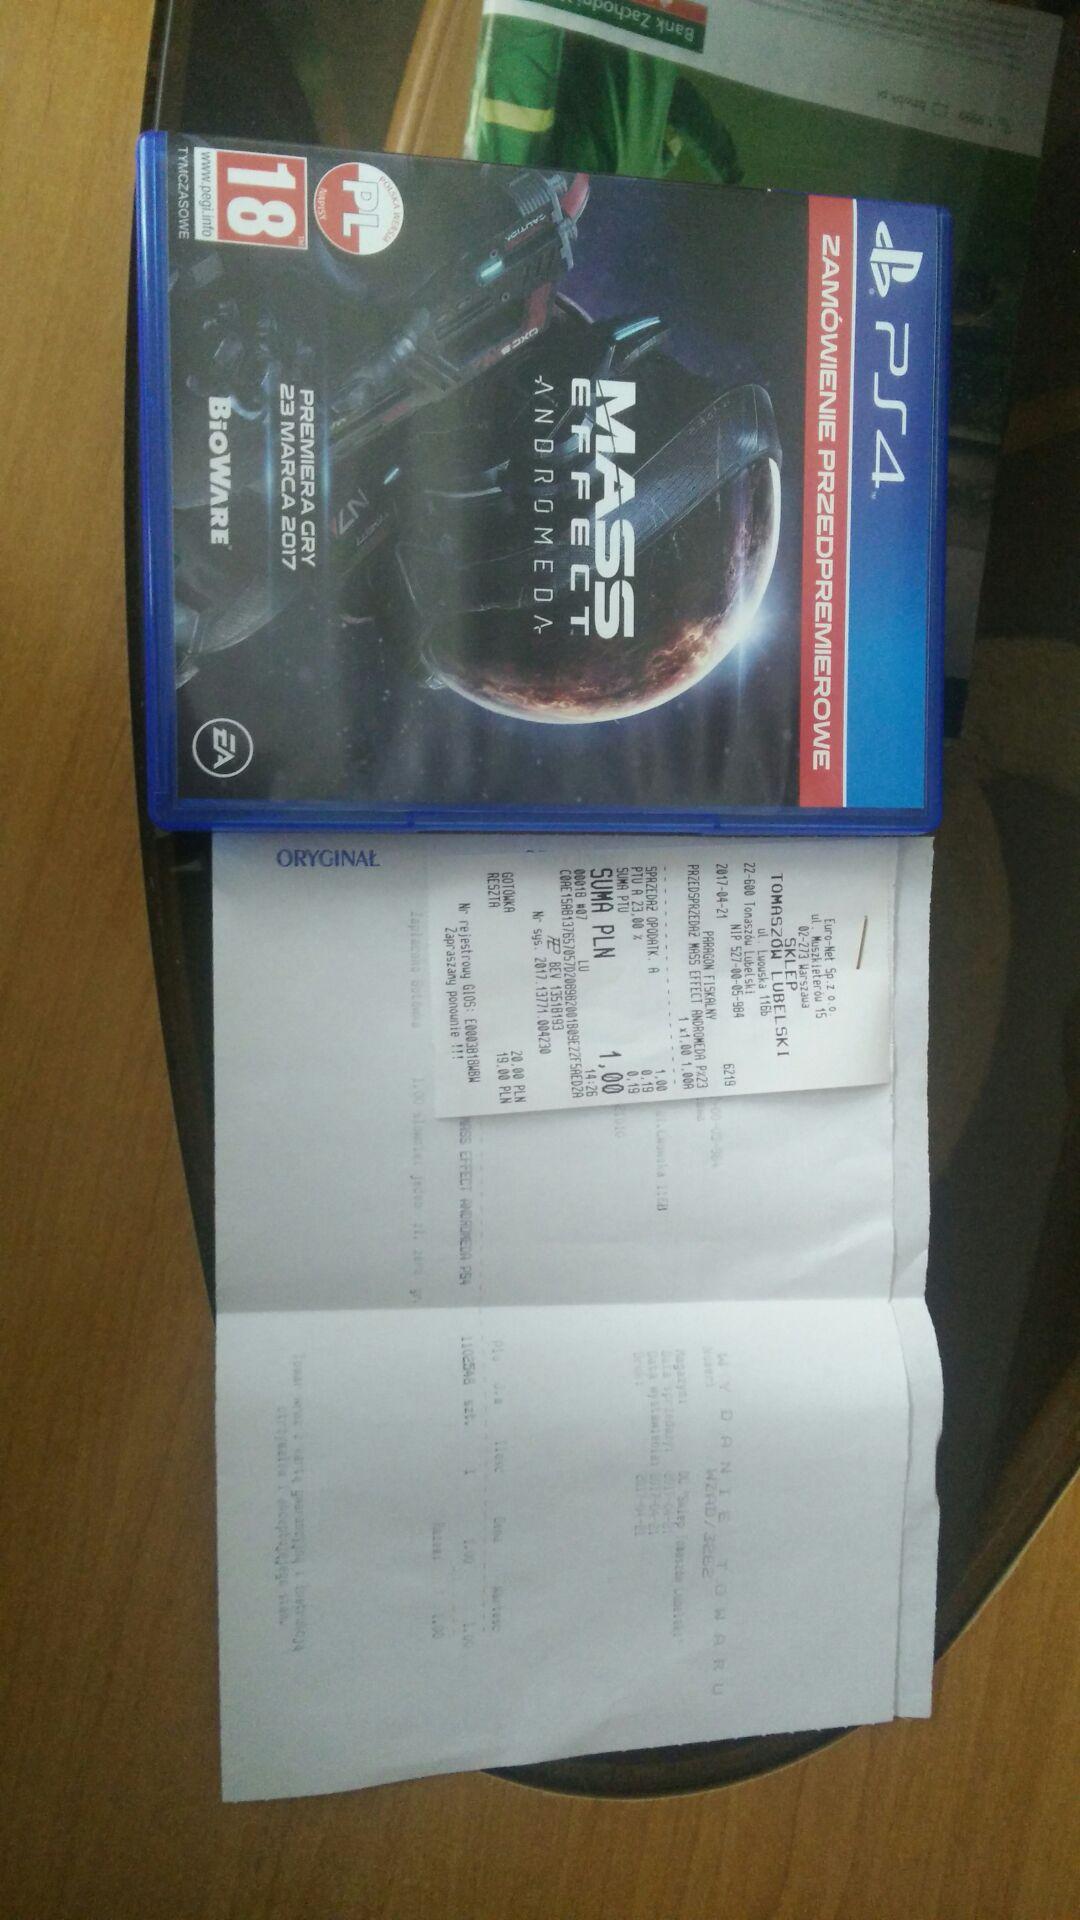 Pudełko z kodem DLC z Mass Effect Andromeda za 1zł